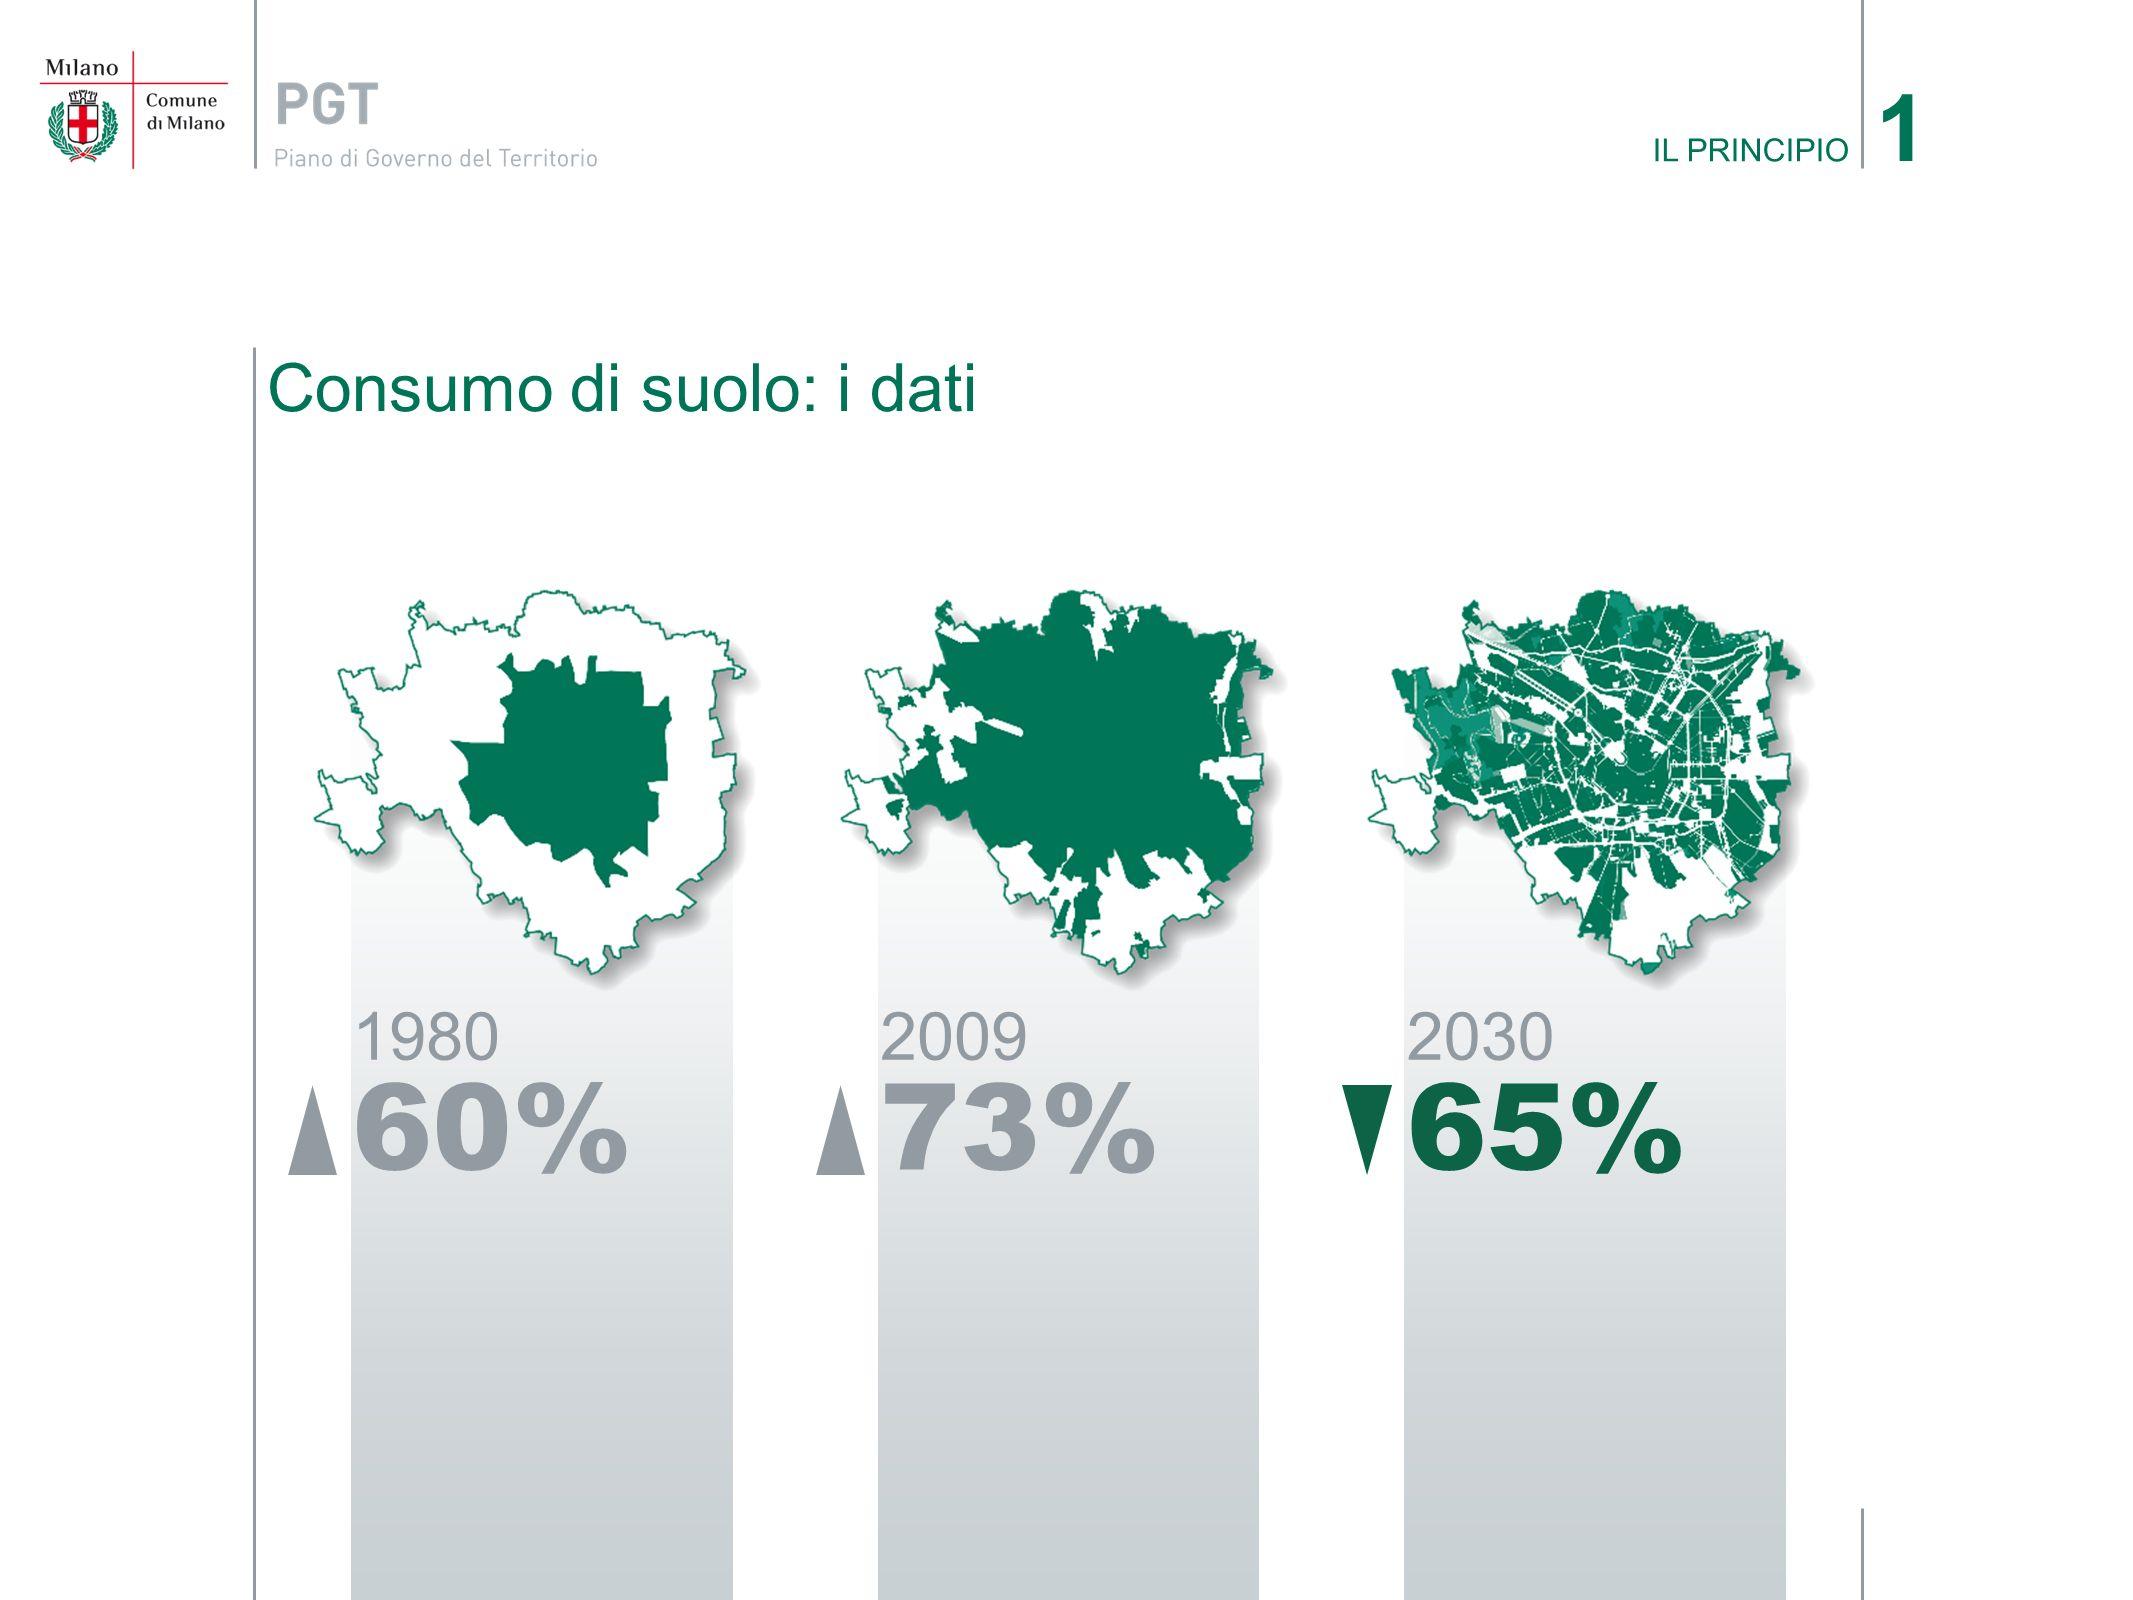 Consumo di suolo: i dati IL PRINCIPIO 1 1980 60% 2009 73% 2030 65%